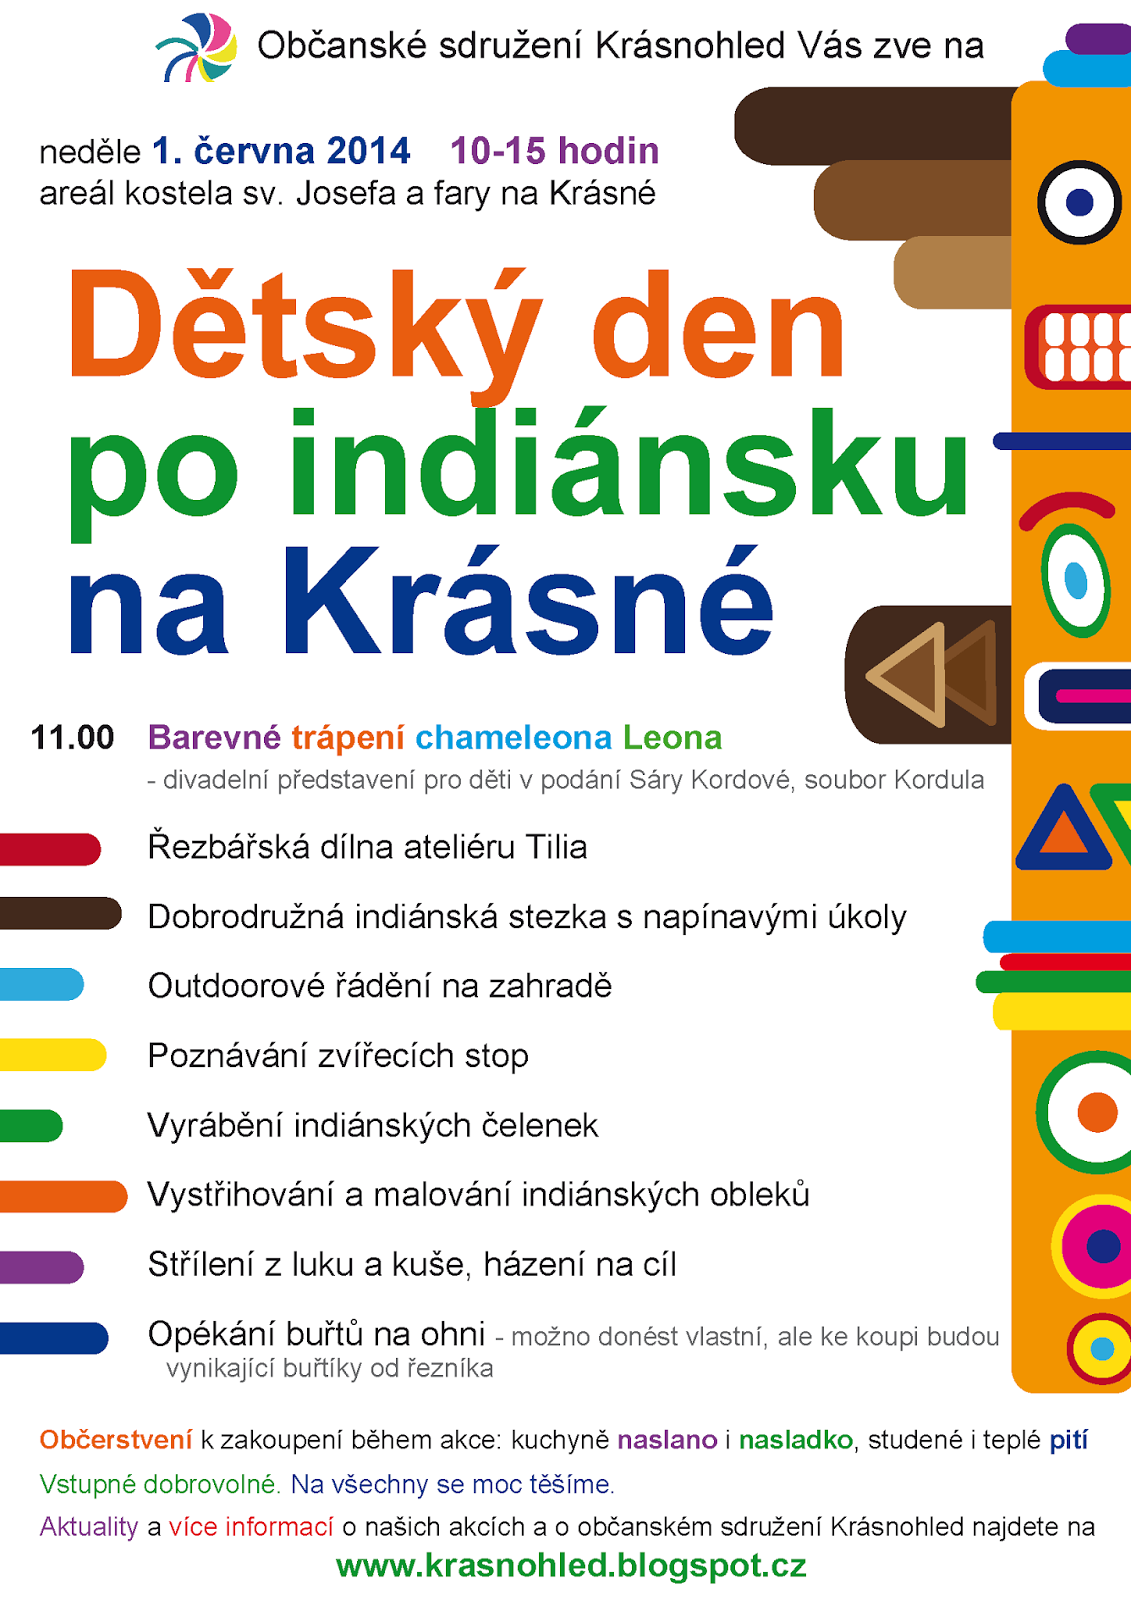 Dětský den po indiánsku na Krásné neděle 1. června 2014